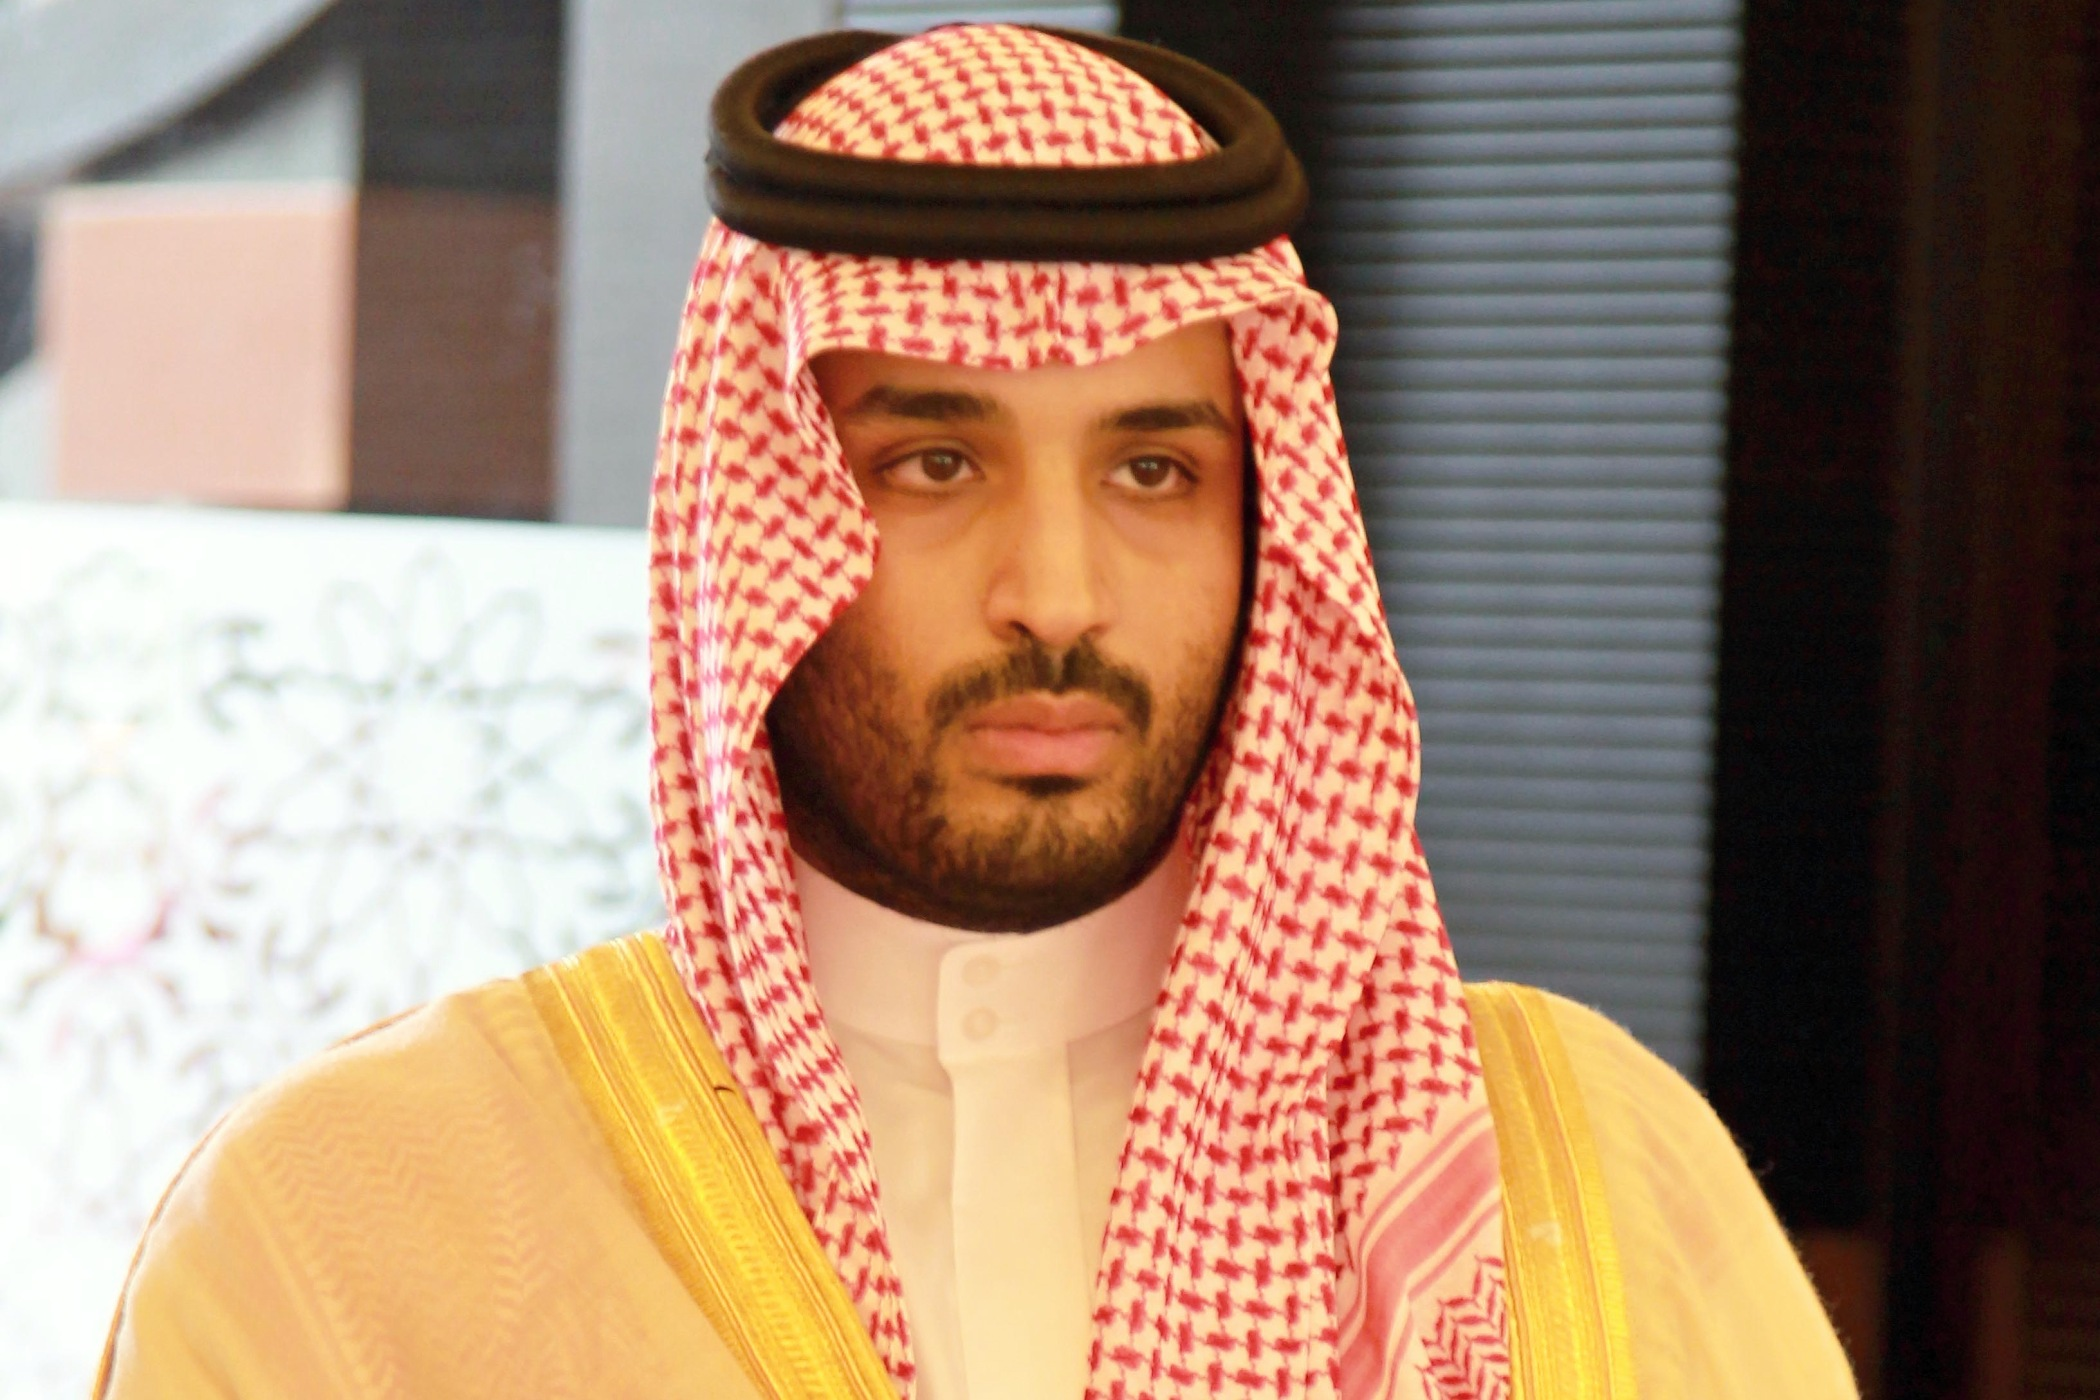 Mladý saúdskoarabský princ Muhammad bin Salmán, výřez